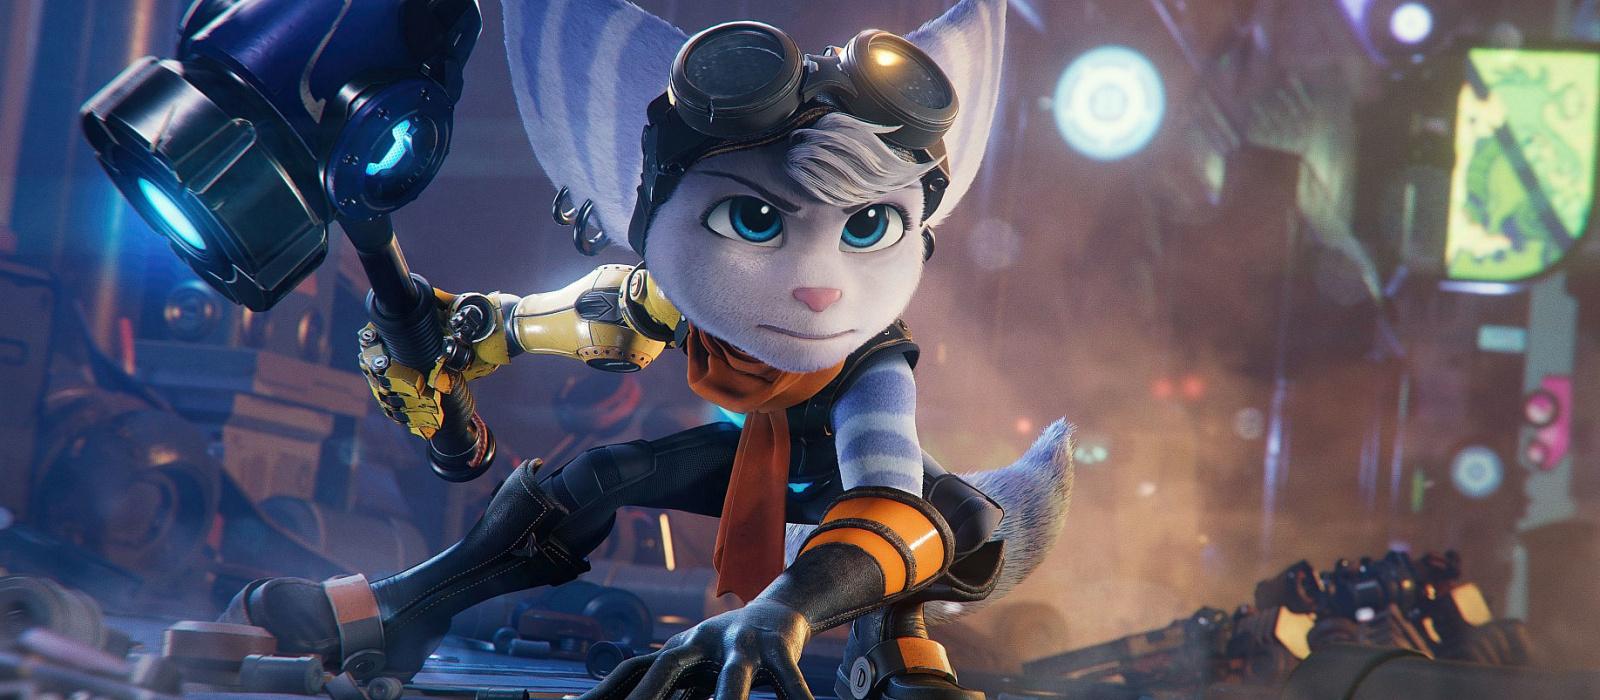 йдет ли Ratchet and Clank: Rift Apart für PC, PS4, Xbox One, Xbox Series X und Nintendo Switch?